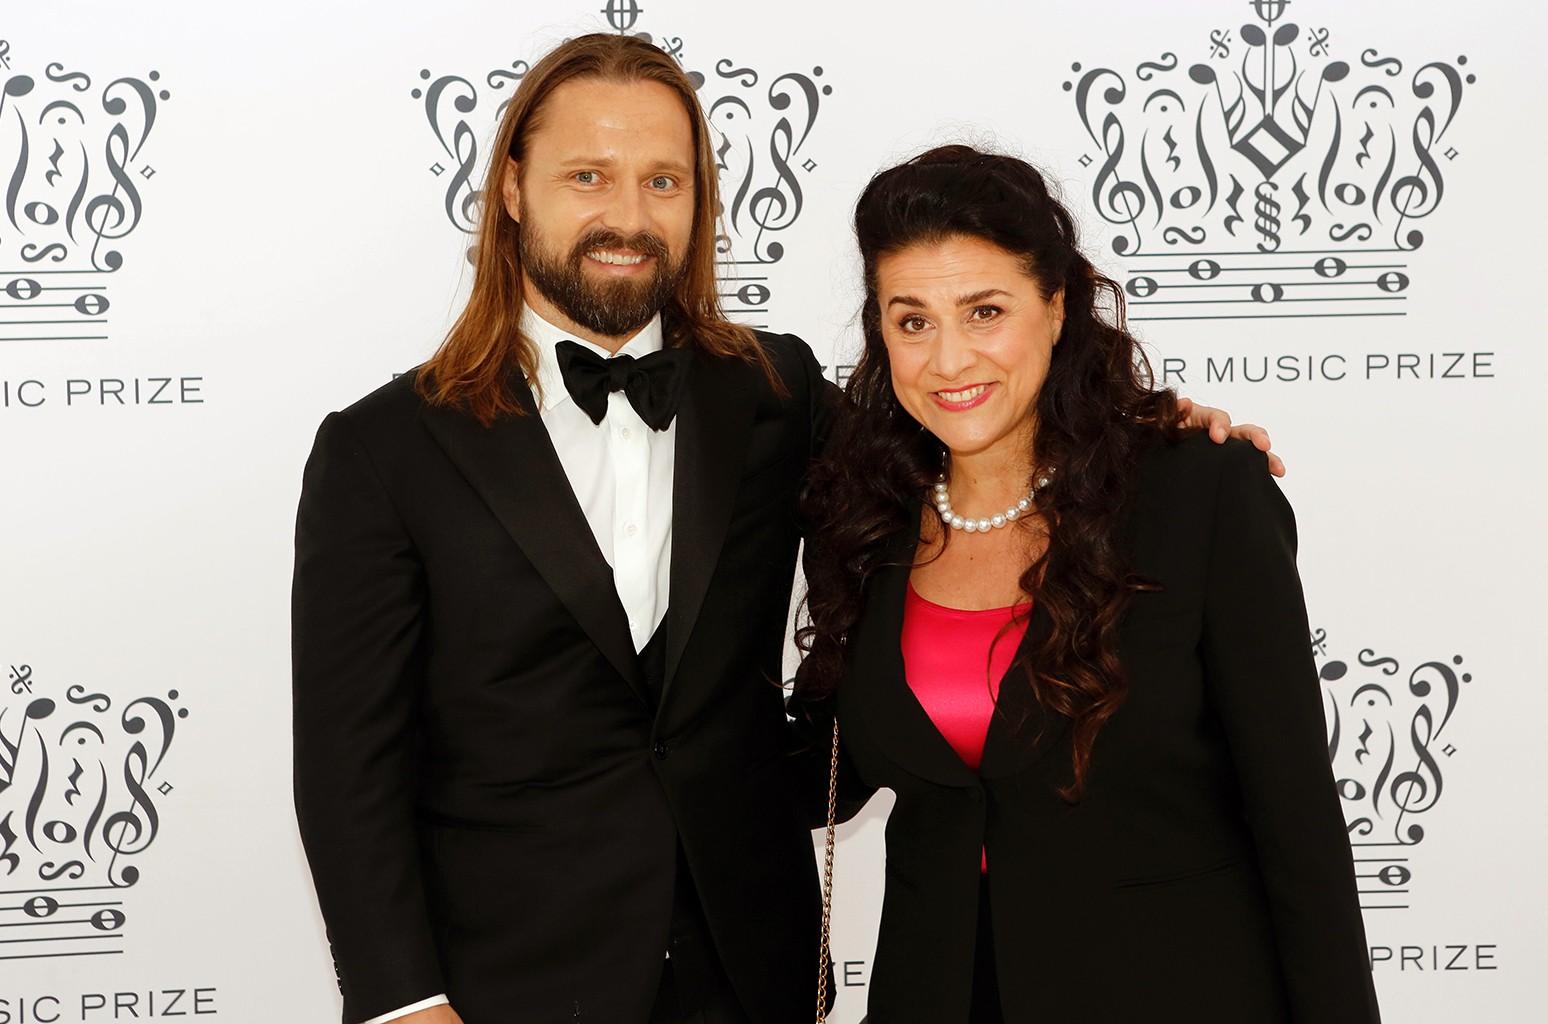 Max Martin and Cecilia Bartoli, the 2016 Polar Music Prize 2016 winners